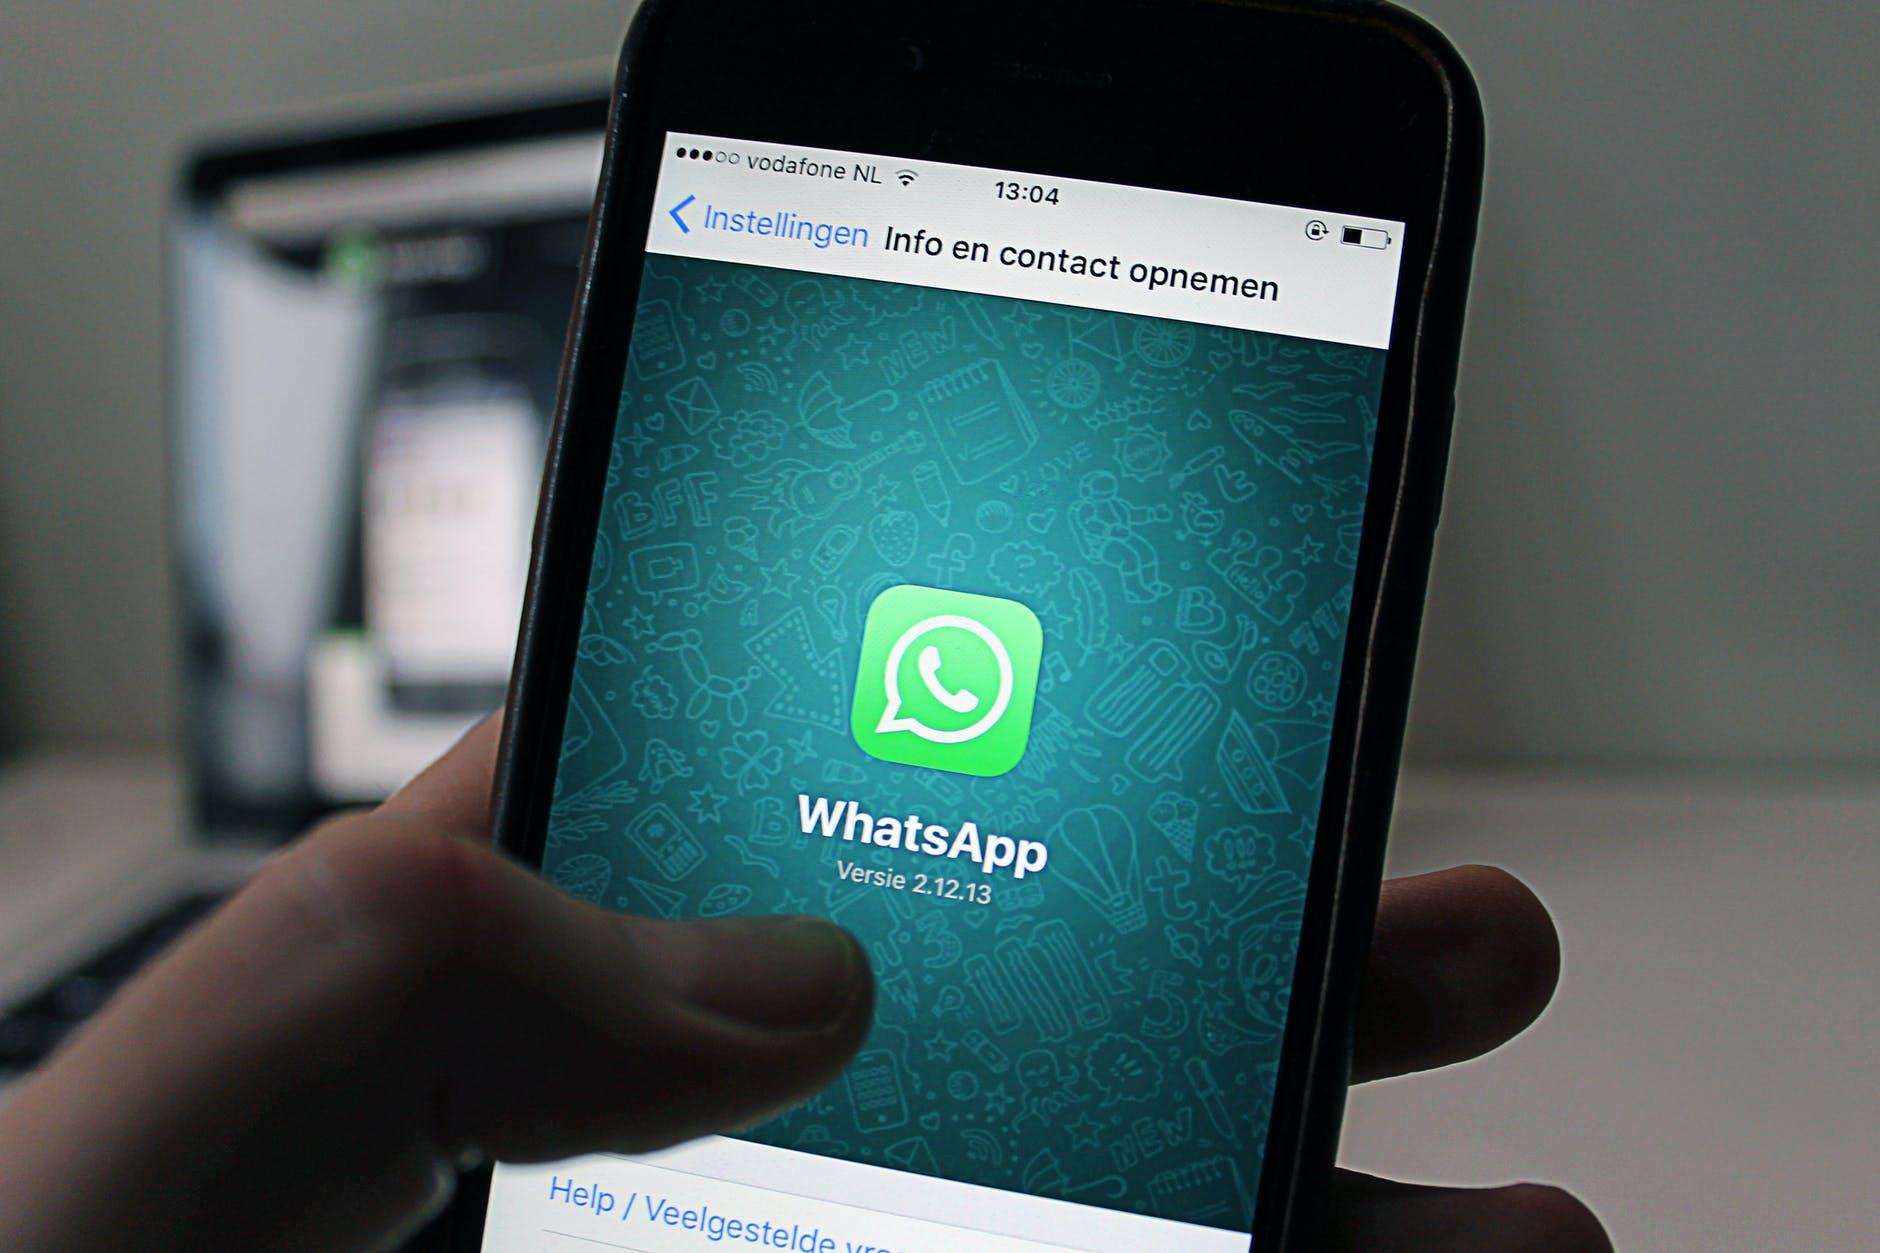 Trucuri WhatsApp. Cum poti sa stii daca cineva te-a blocat pe WhatsApp